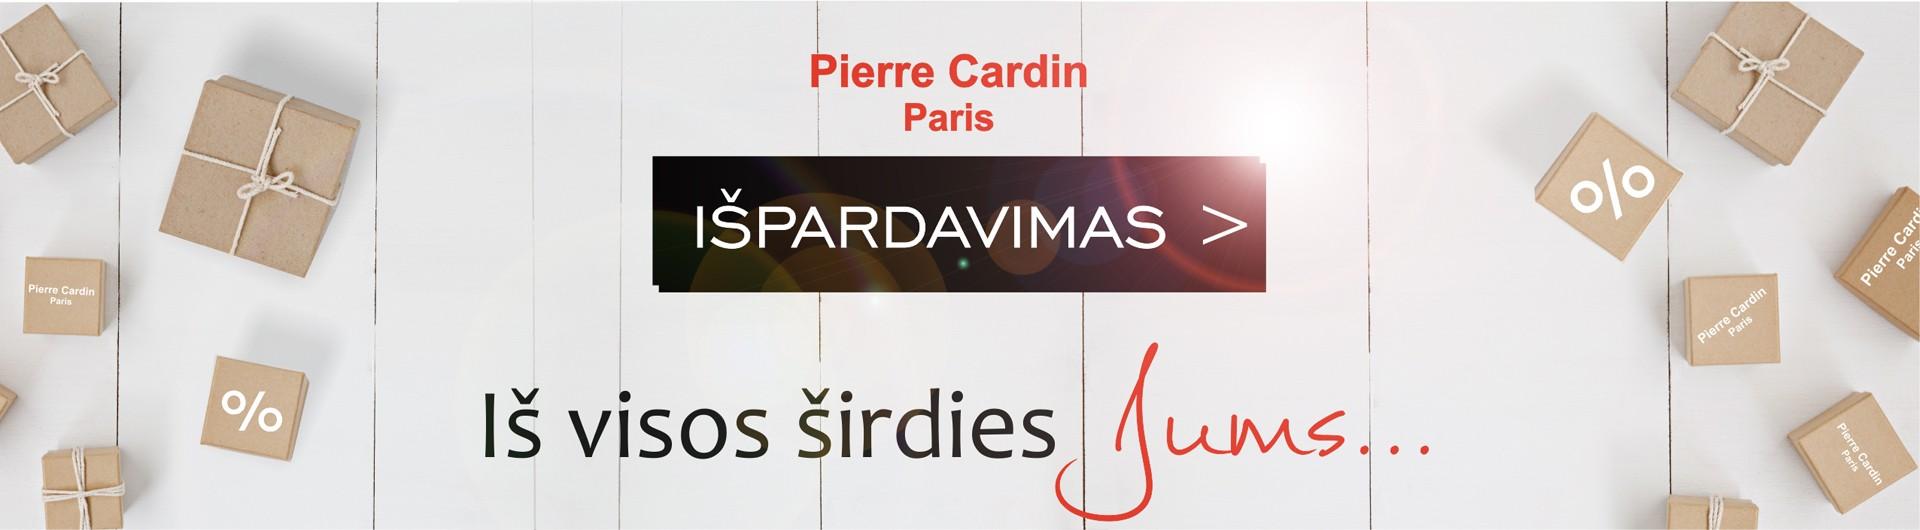 PIERRE CARDIN ISVALYMAS